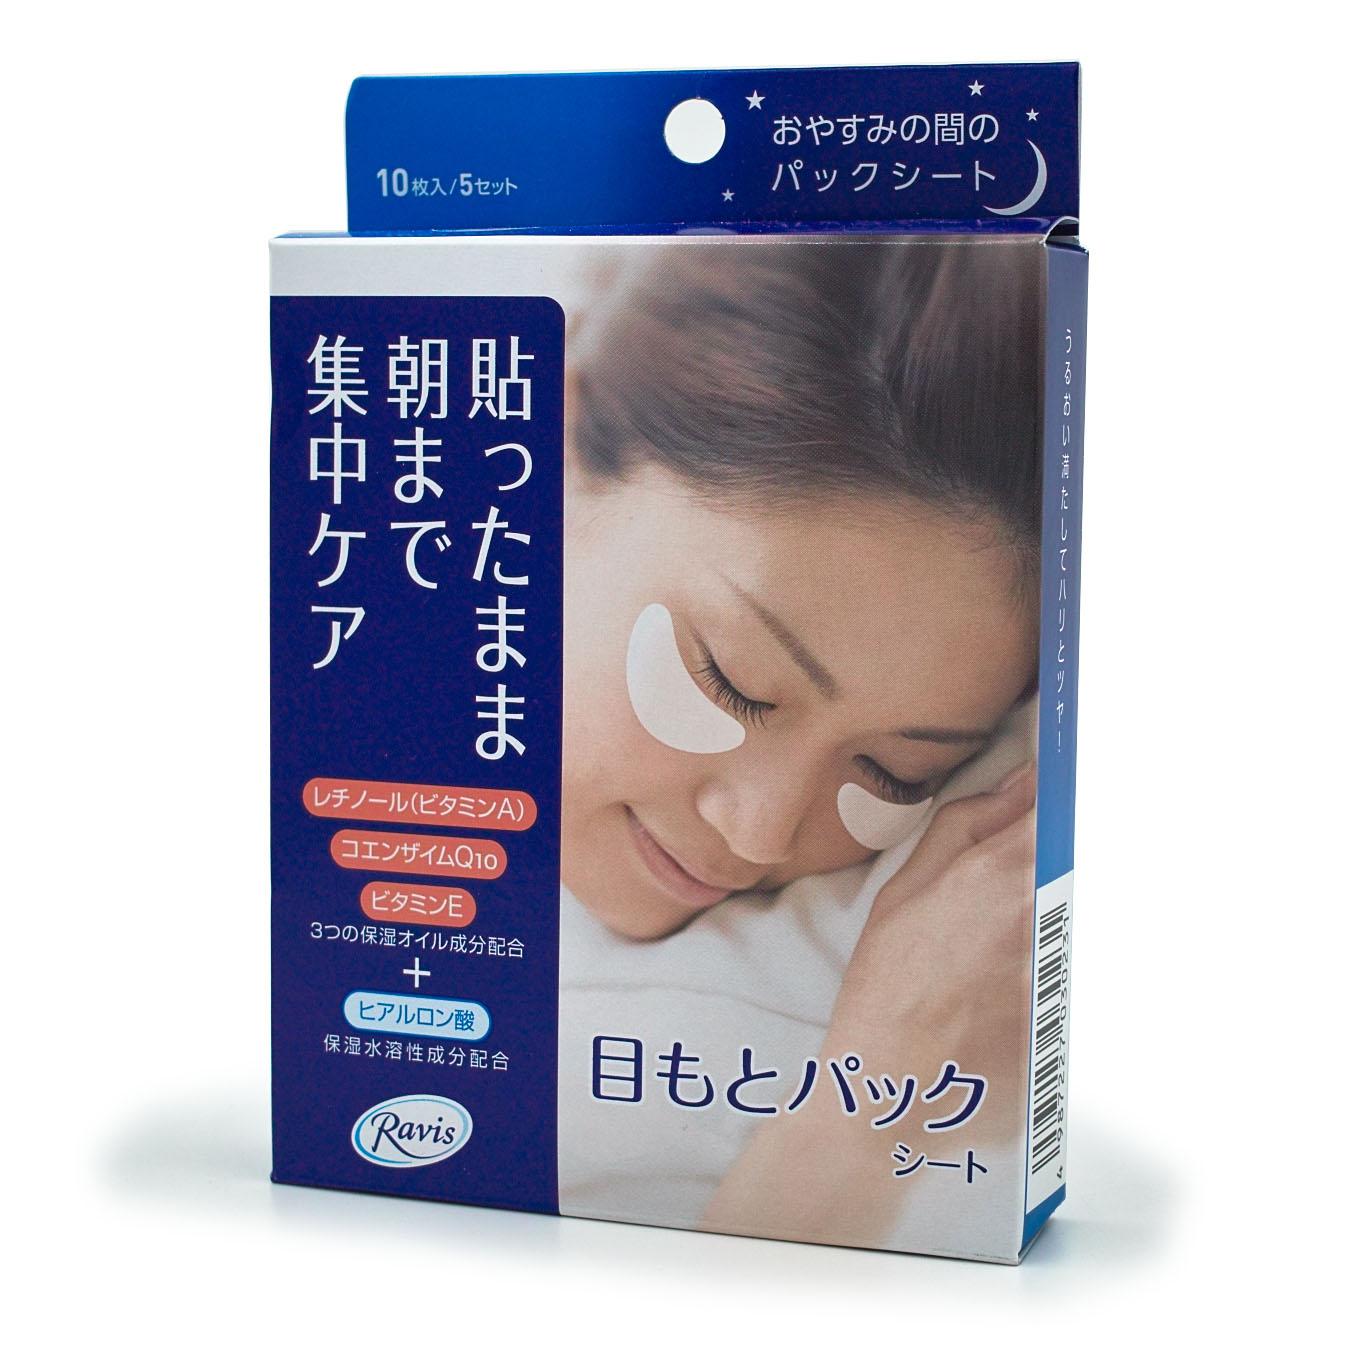 日本 森下仁丹Ravis 夜間修復緊緻睡眠眼膜5對 水谷雅子推薦